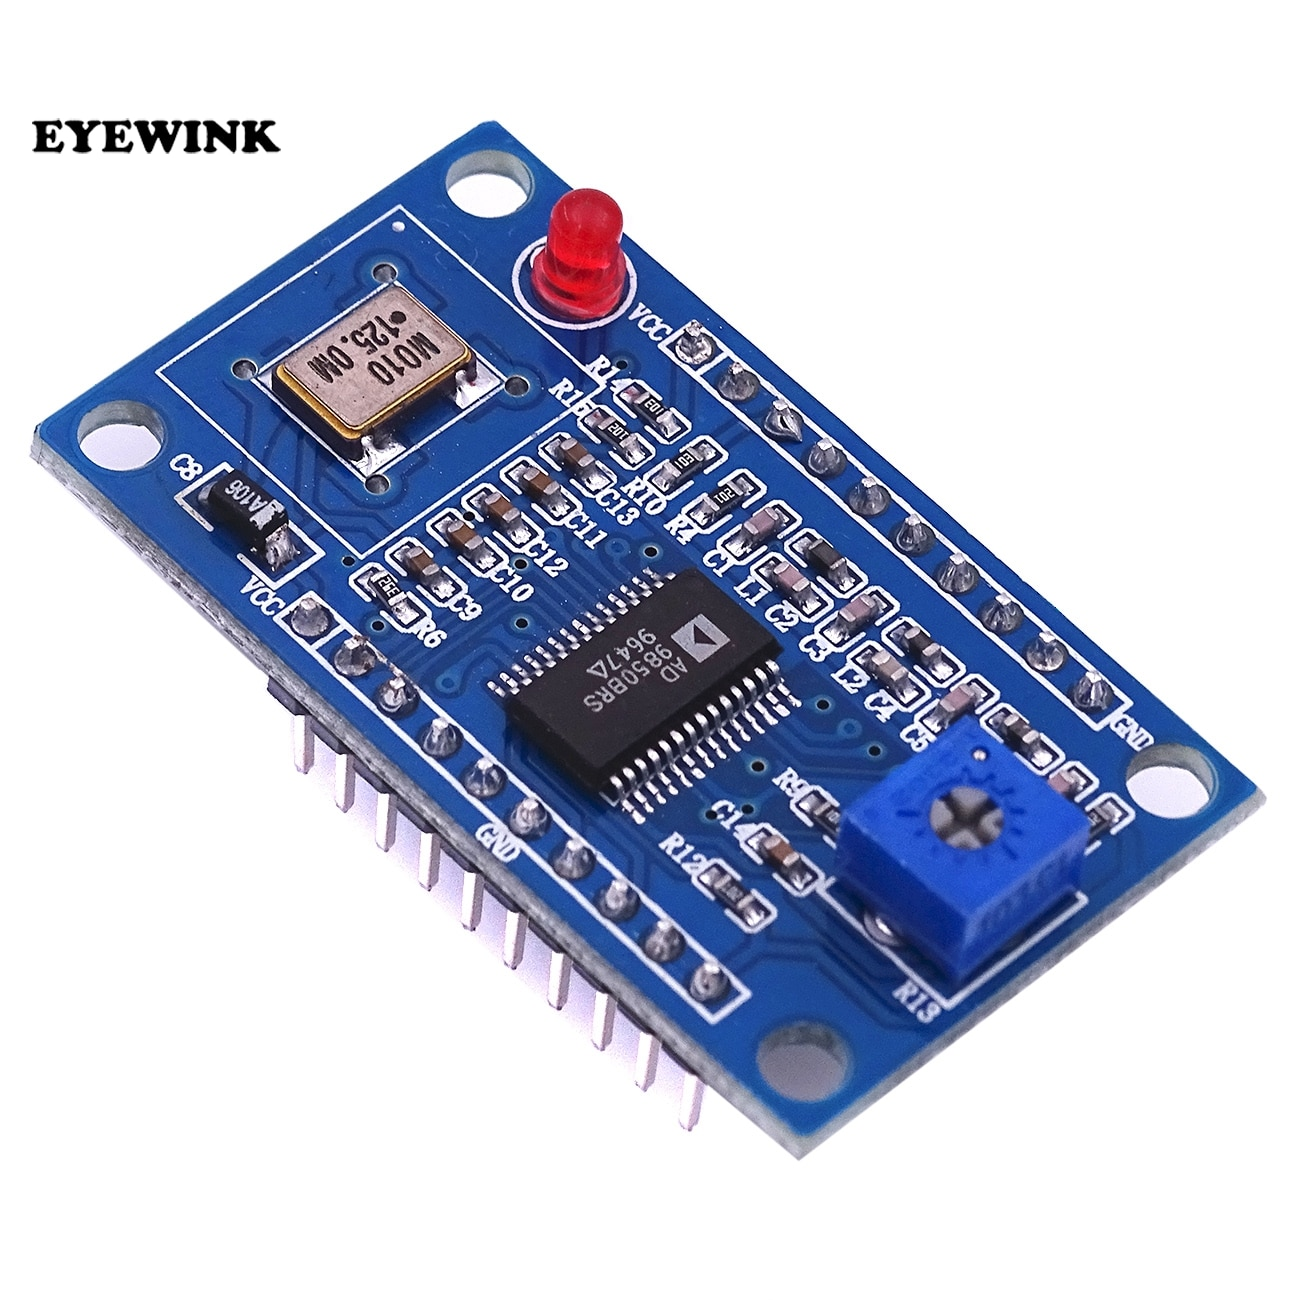 Equipamento de teste do squarewave 0-40 mhz do seno do módulo do gerador do sinal ad9850